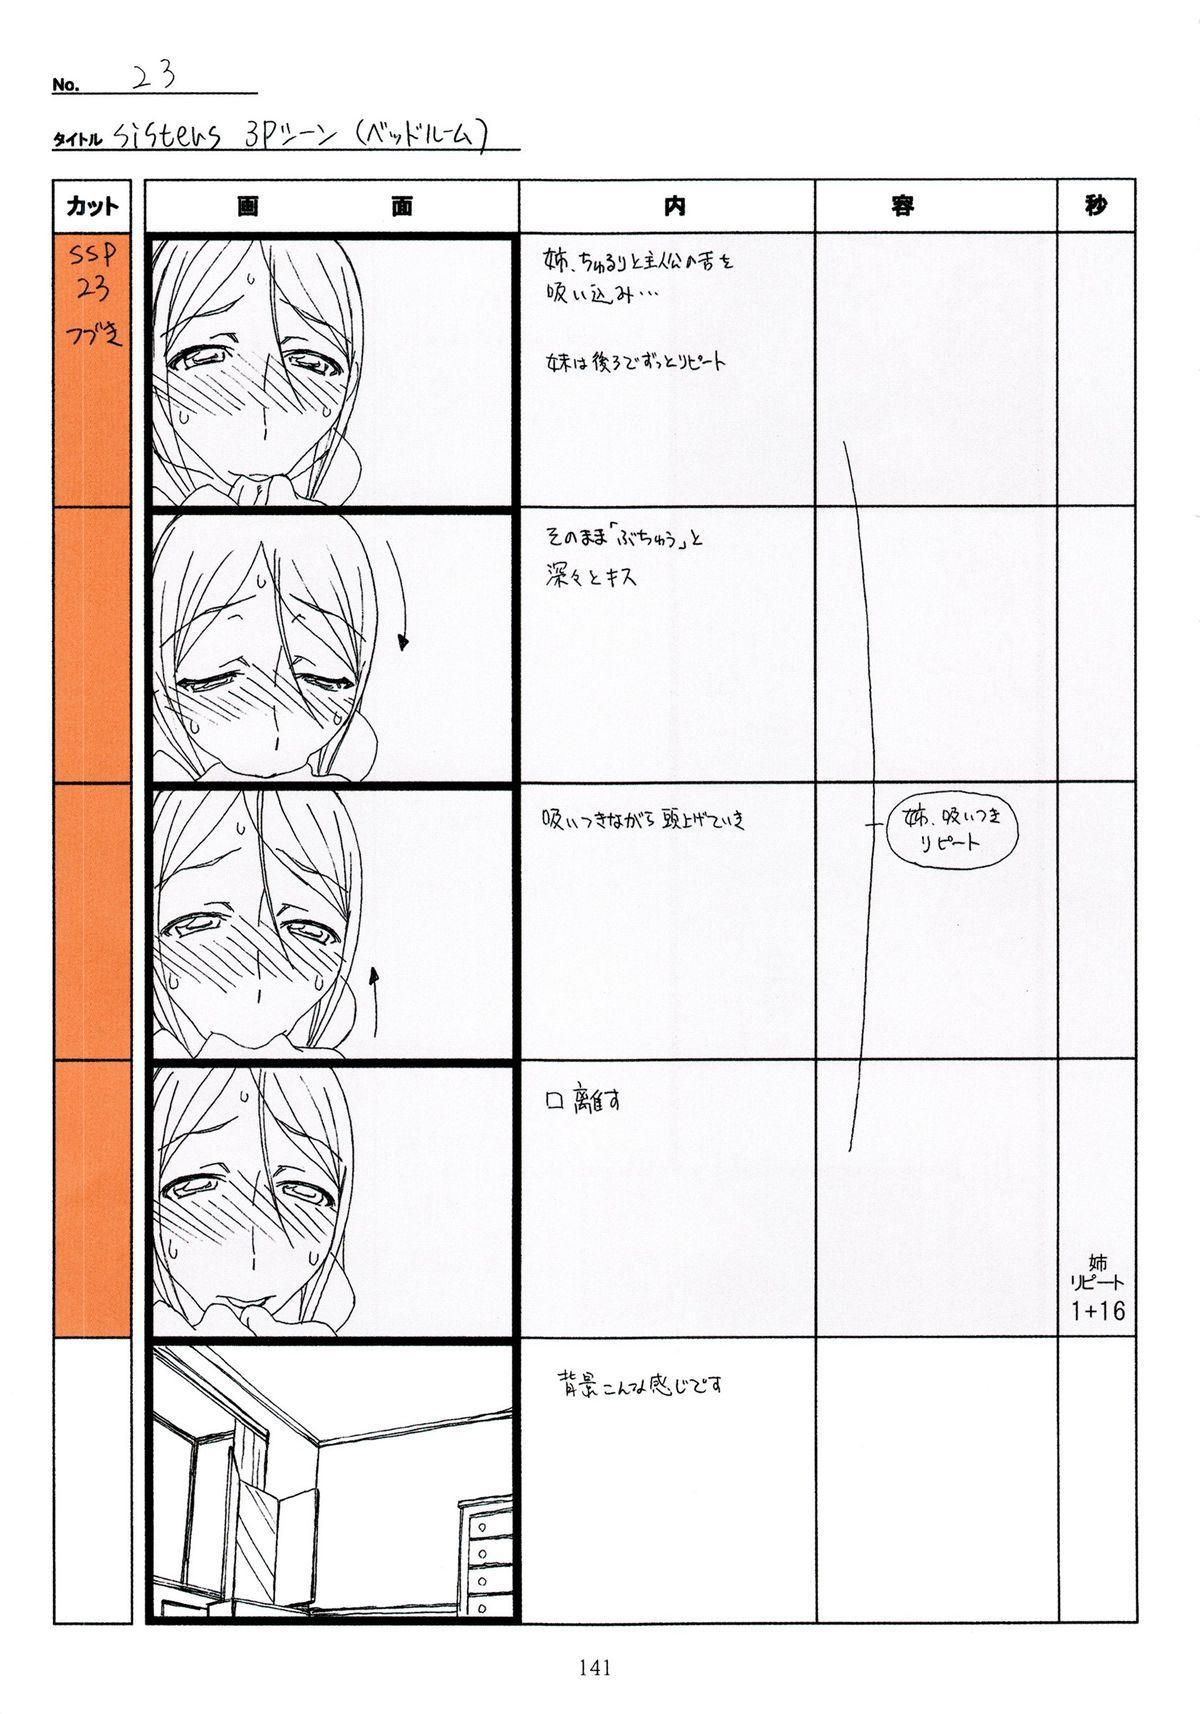 (C89) [Makino Jimusho (Taki Minashika)] SISTERS -Natsu no Saigo no Hi- H Scene All Part Storyboard (SISTERS -Natsu no Saigo no Hi-) 140